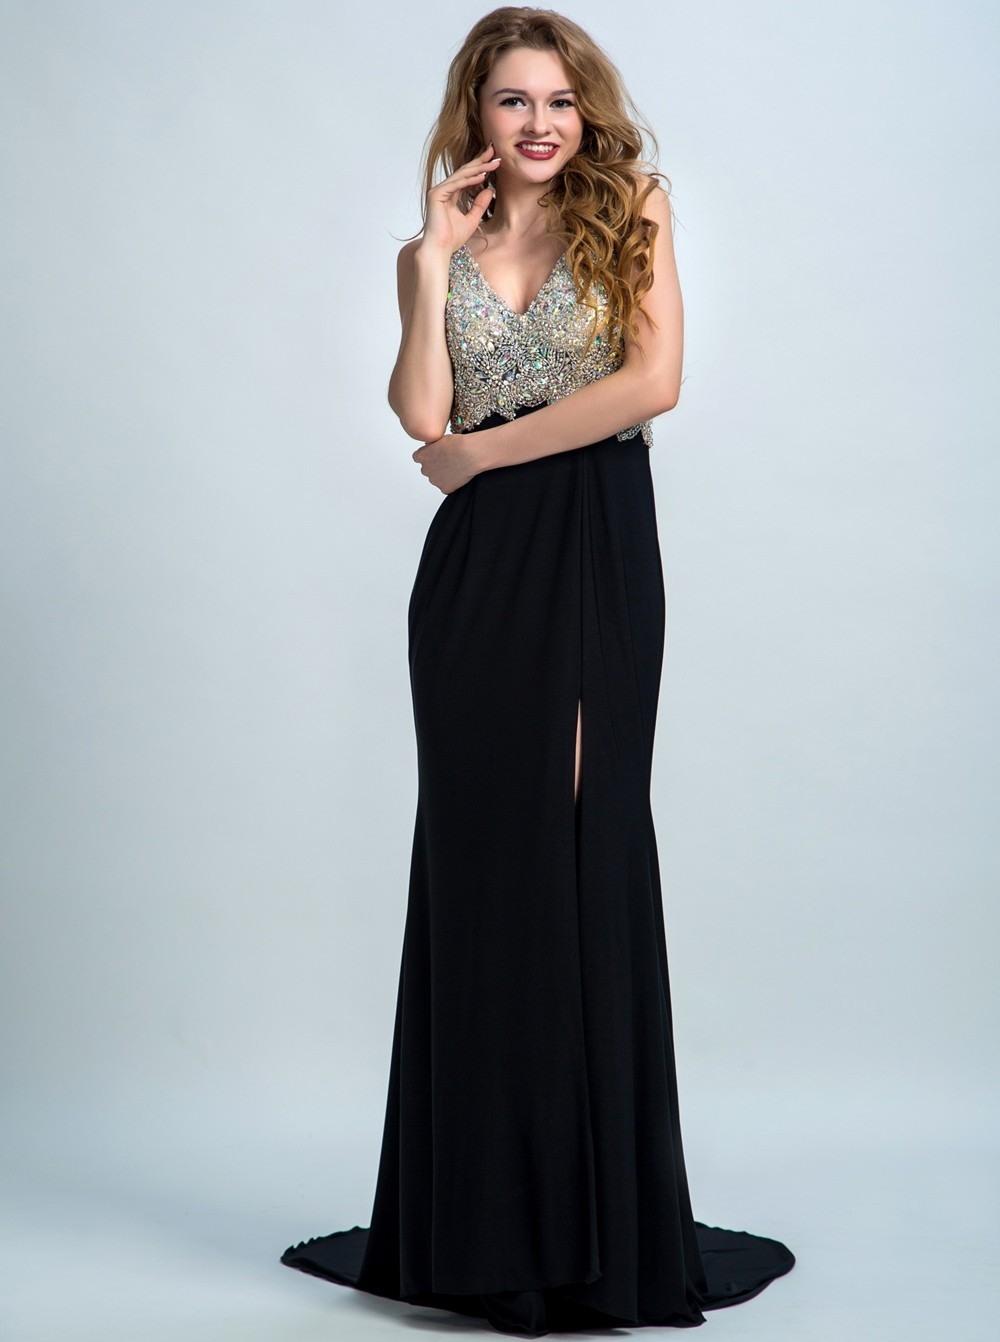 17 Erstaunlich Ballkleid Elegant Design13 Perfekt Ballkleid Elegant Ärmel